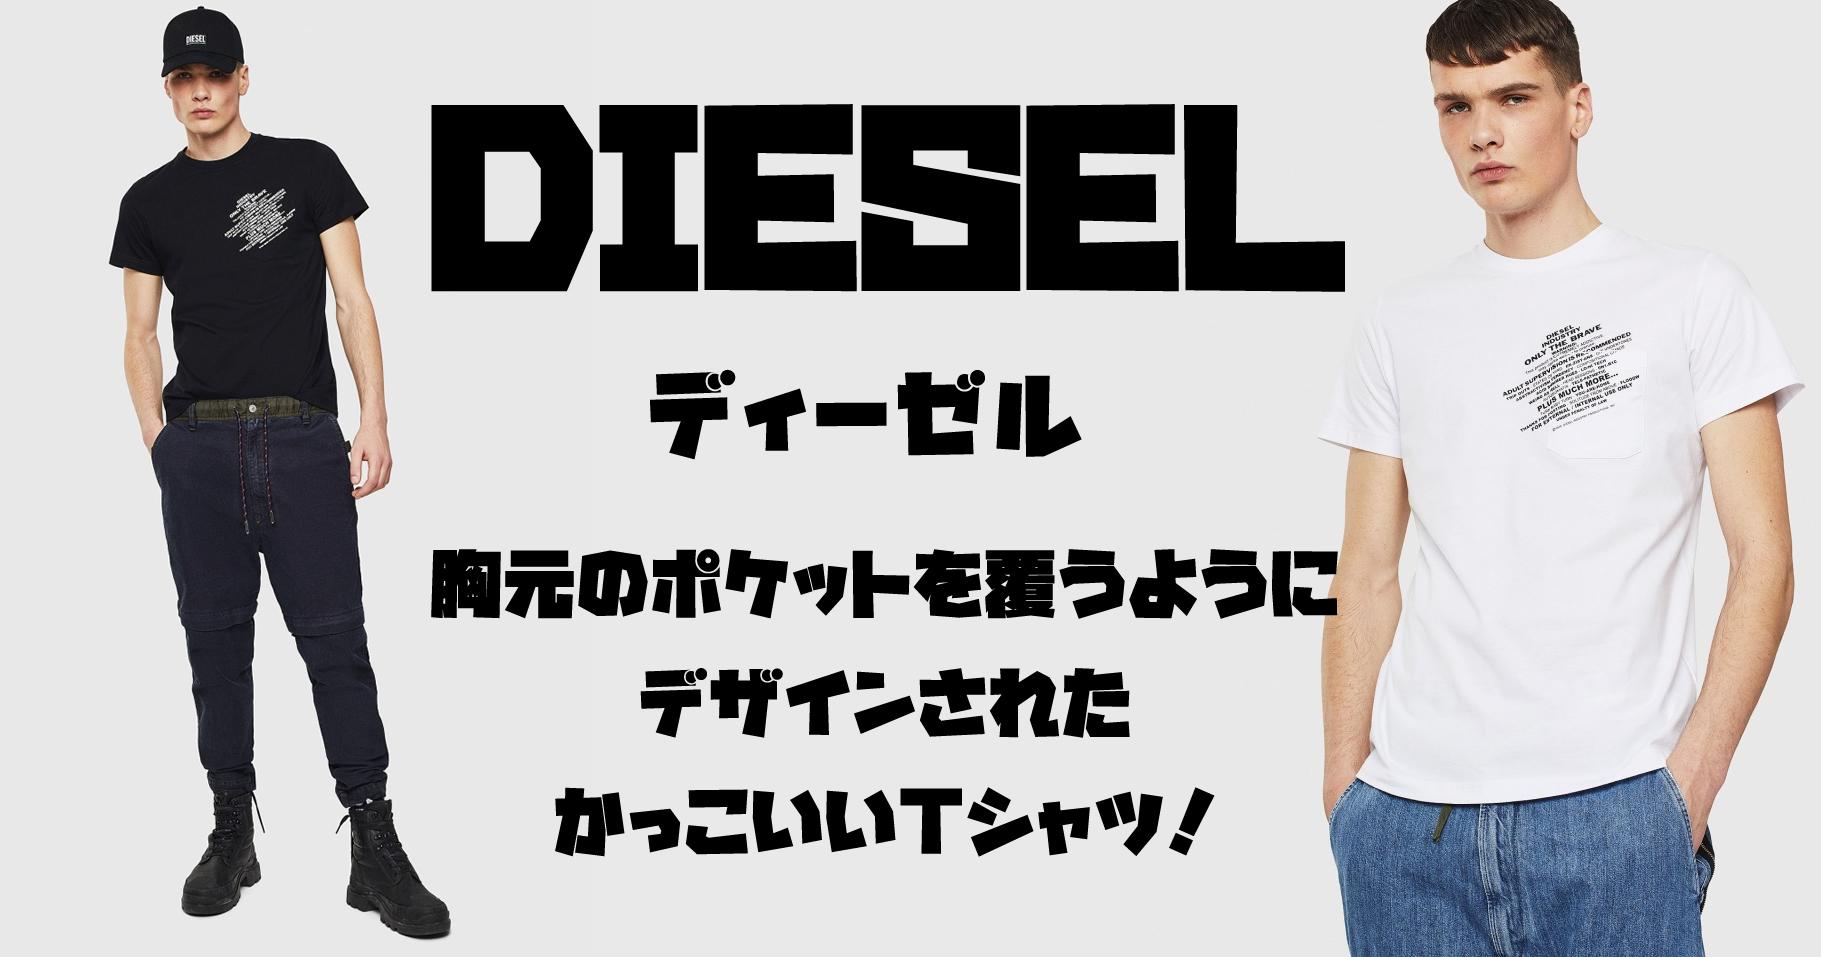 【DIESEL(ディーゼル)】胸元のポケットを覆うようにデザインされたレタリングプリントがかっこいいTシャツ!